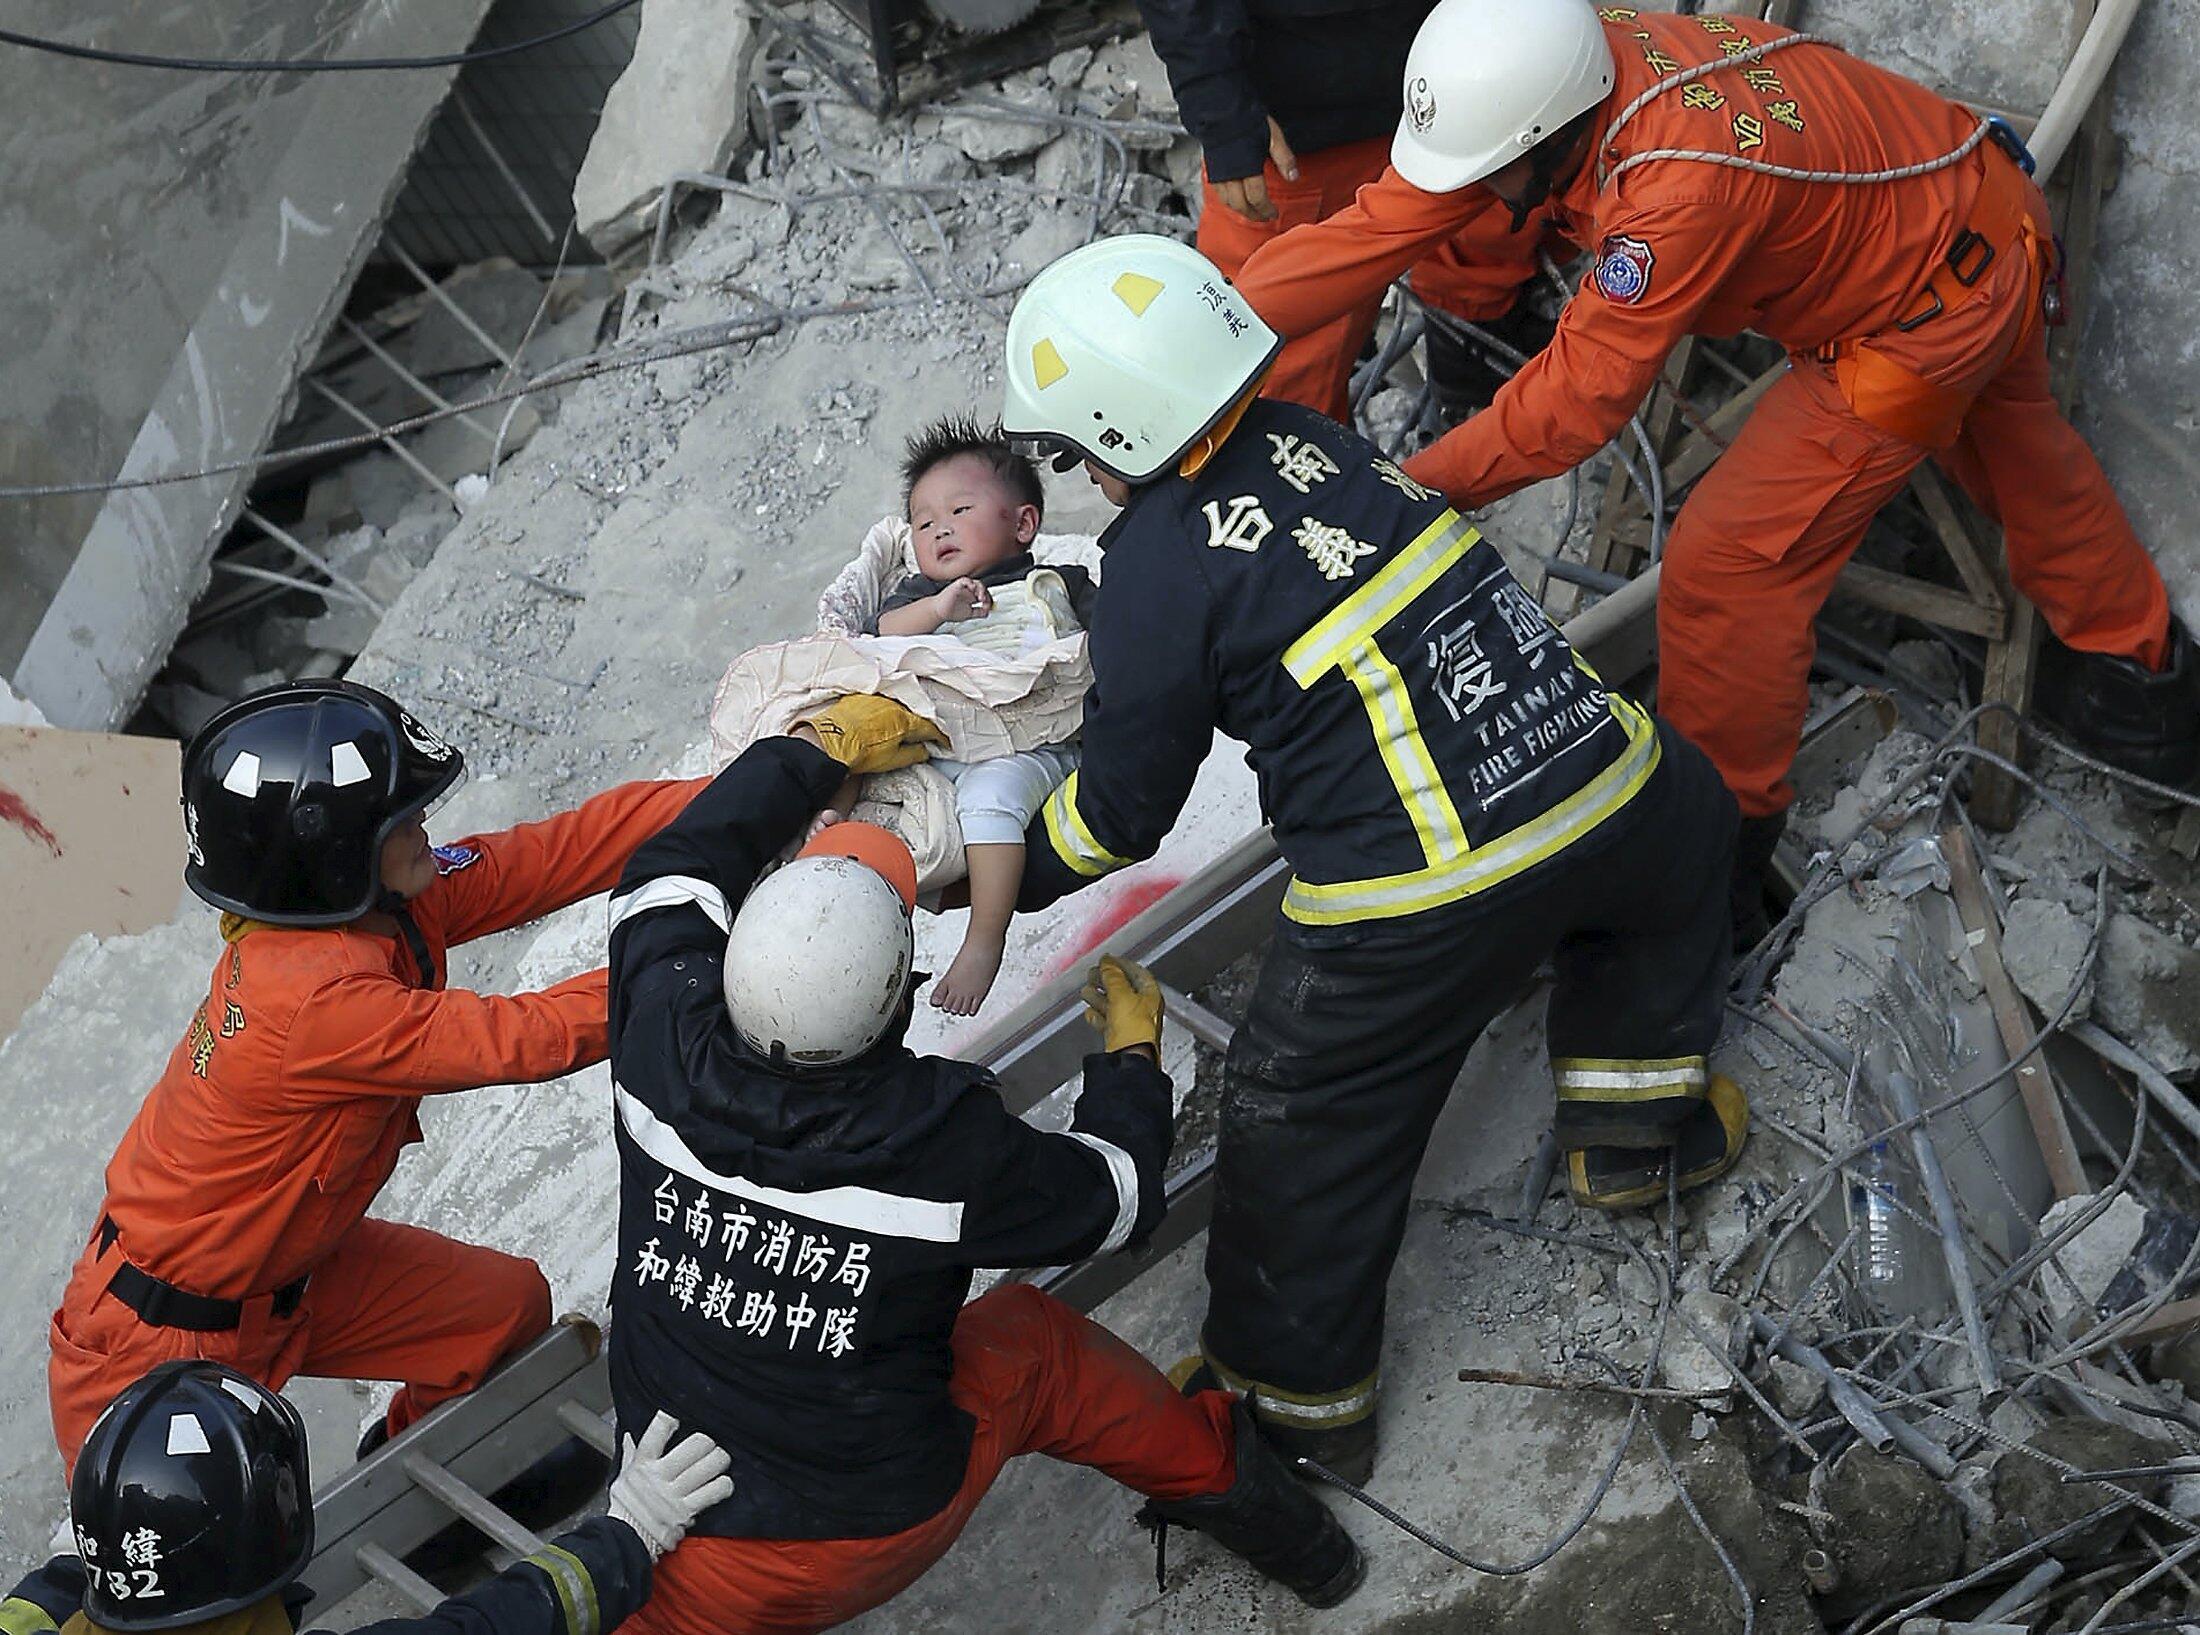 Спасатели обнаружили ребенка под обломками 17-этажного здания в Тайнане, Тайвань, 6 февраля 2016 г.